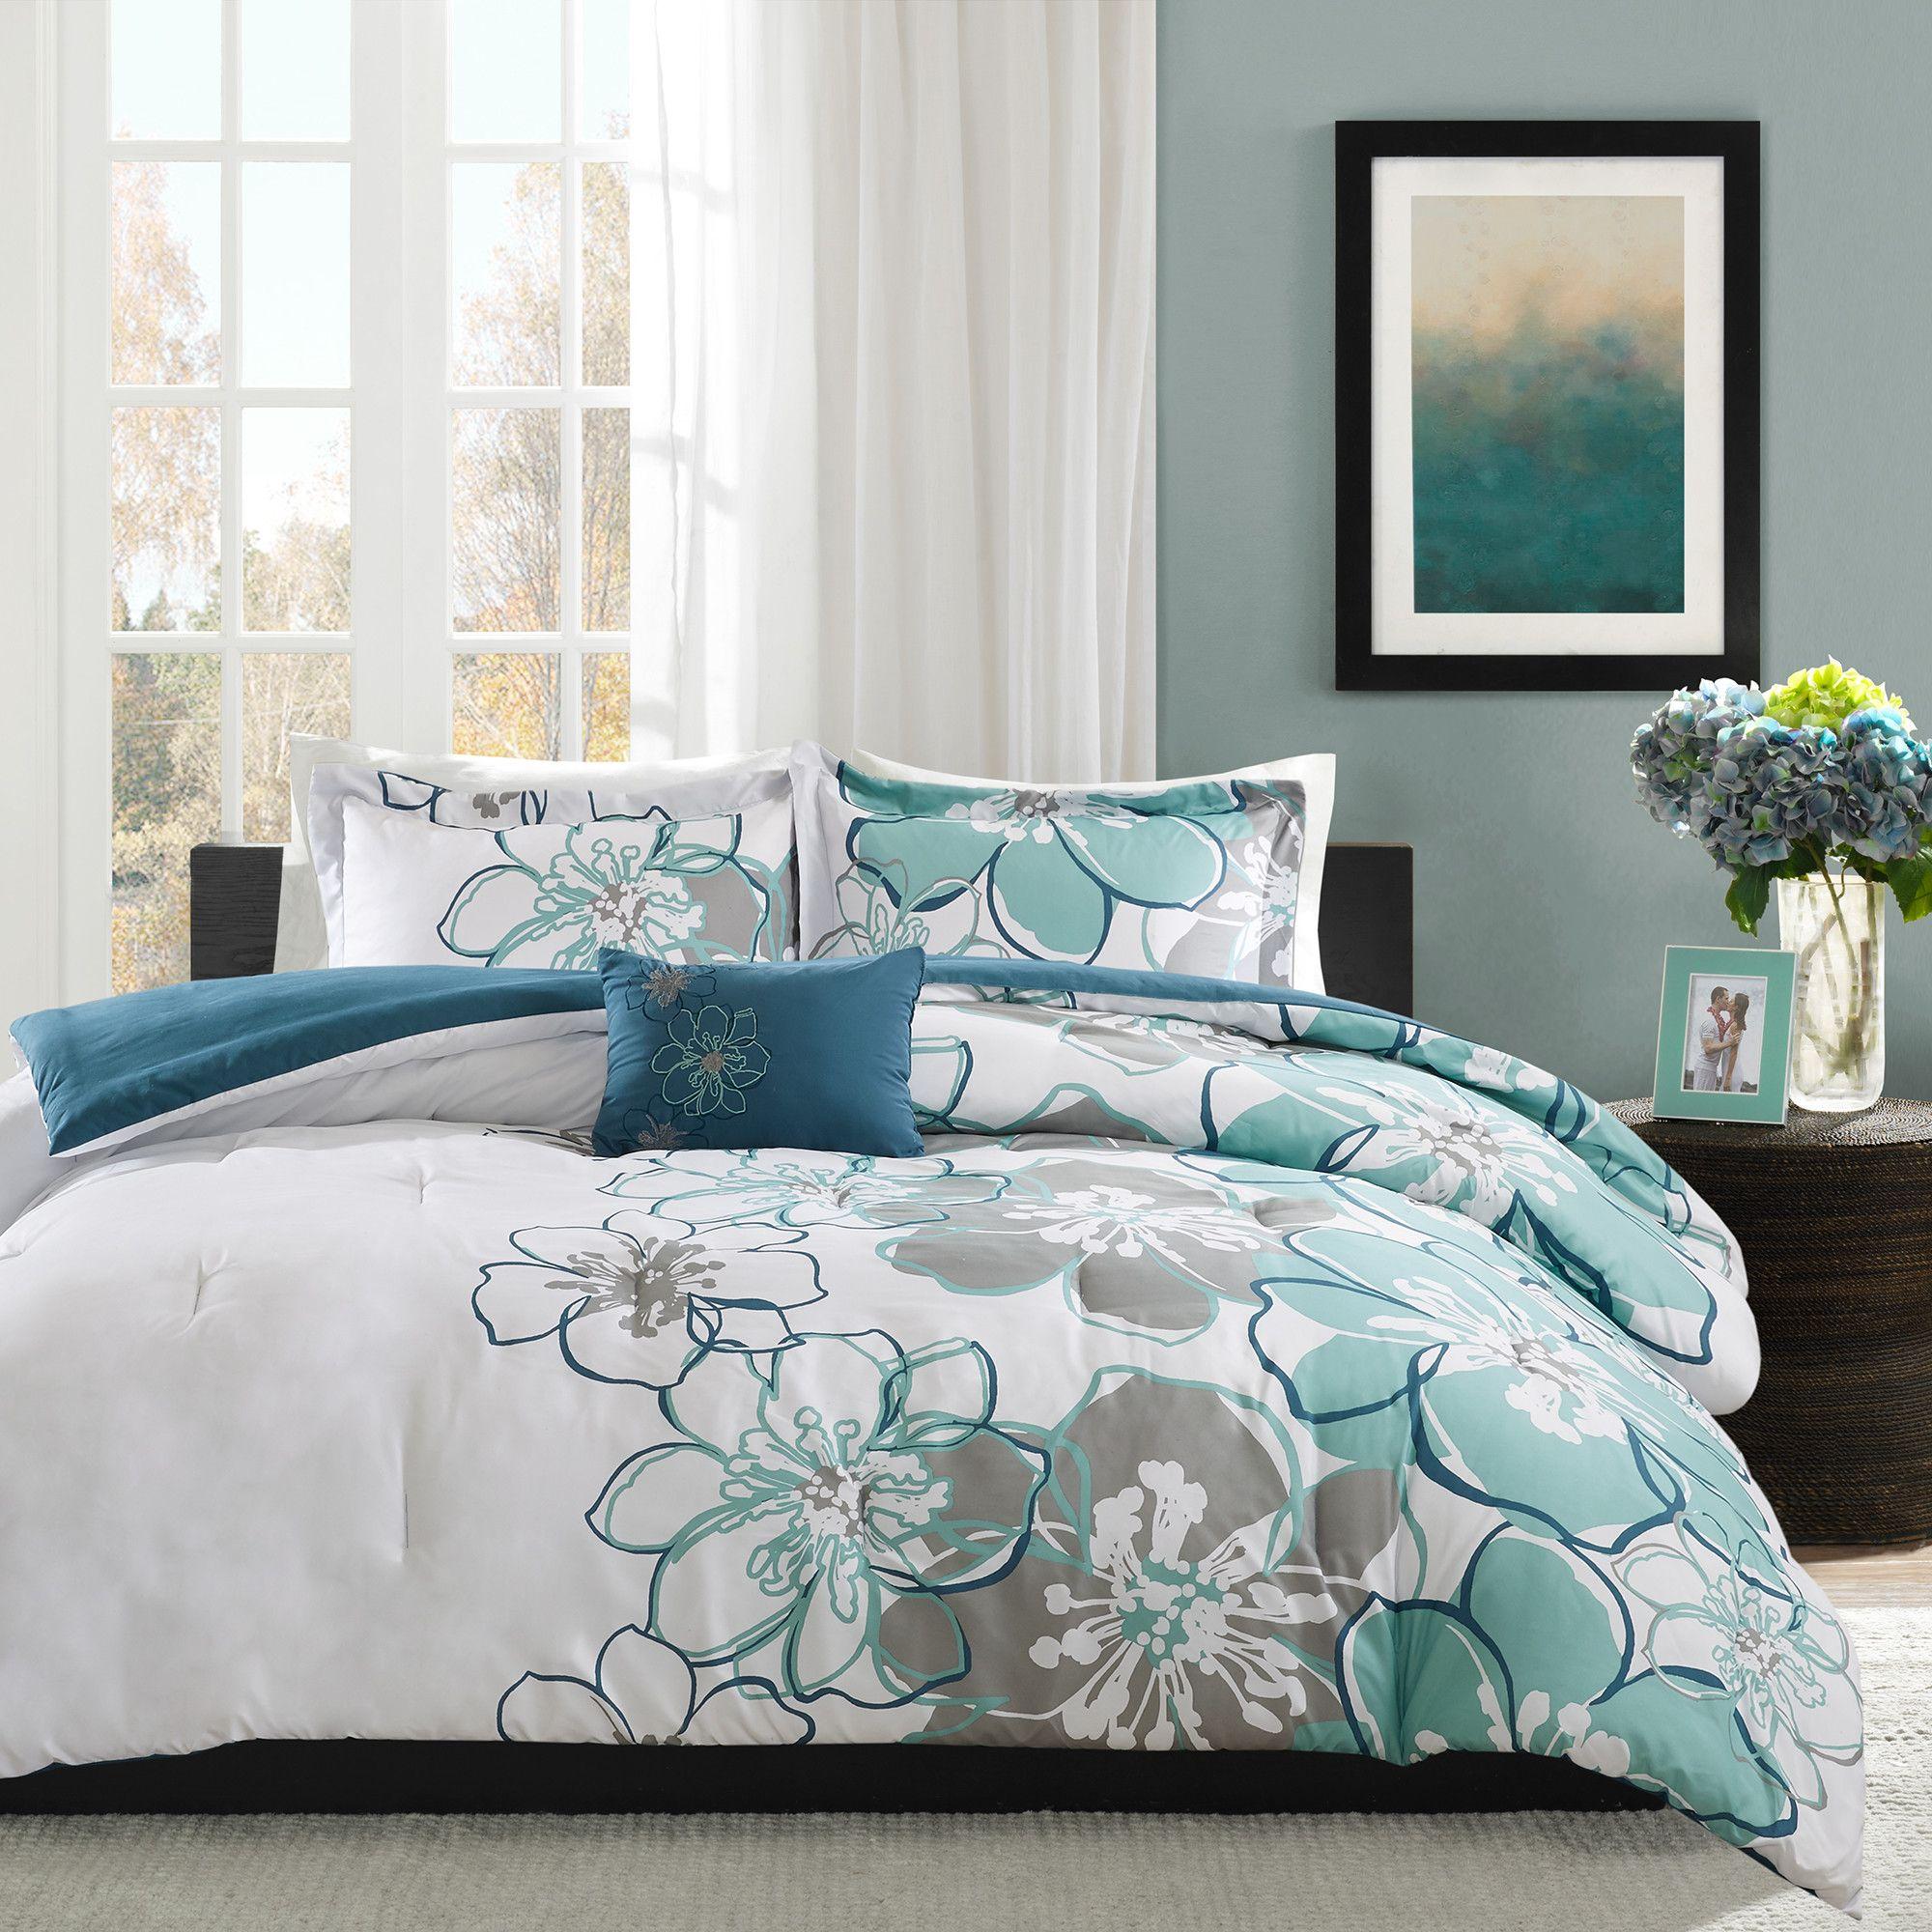 Customer Image Zoomed Comforter sets, Bedding sets, Bed